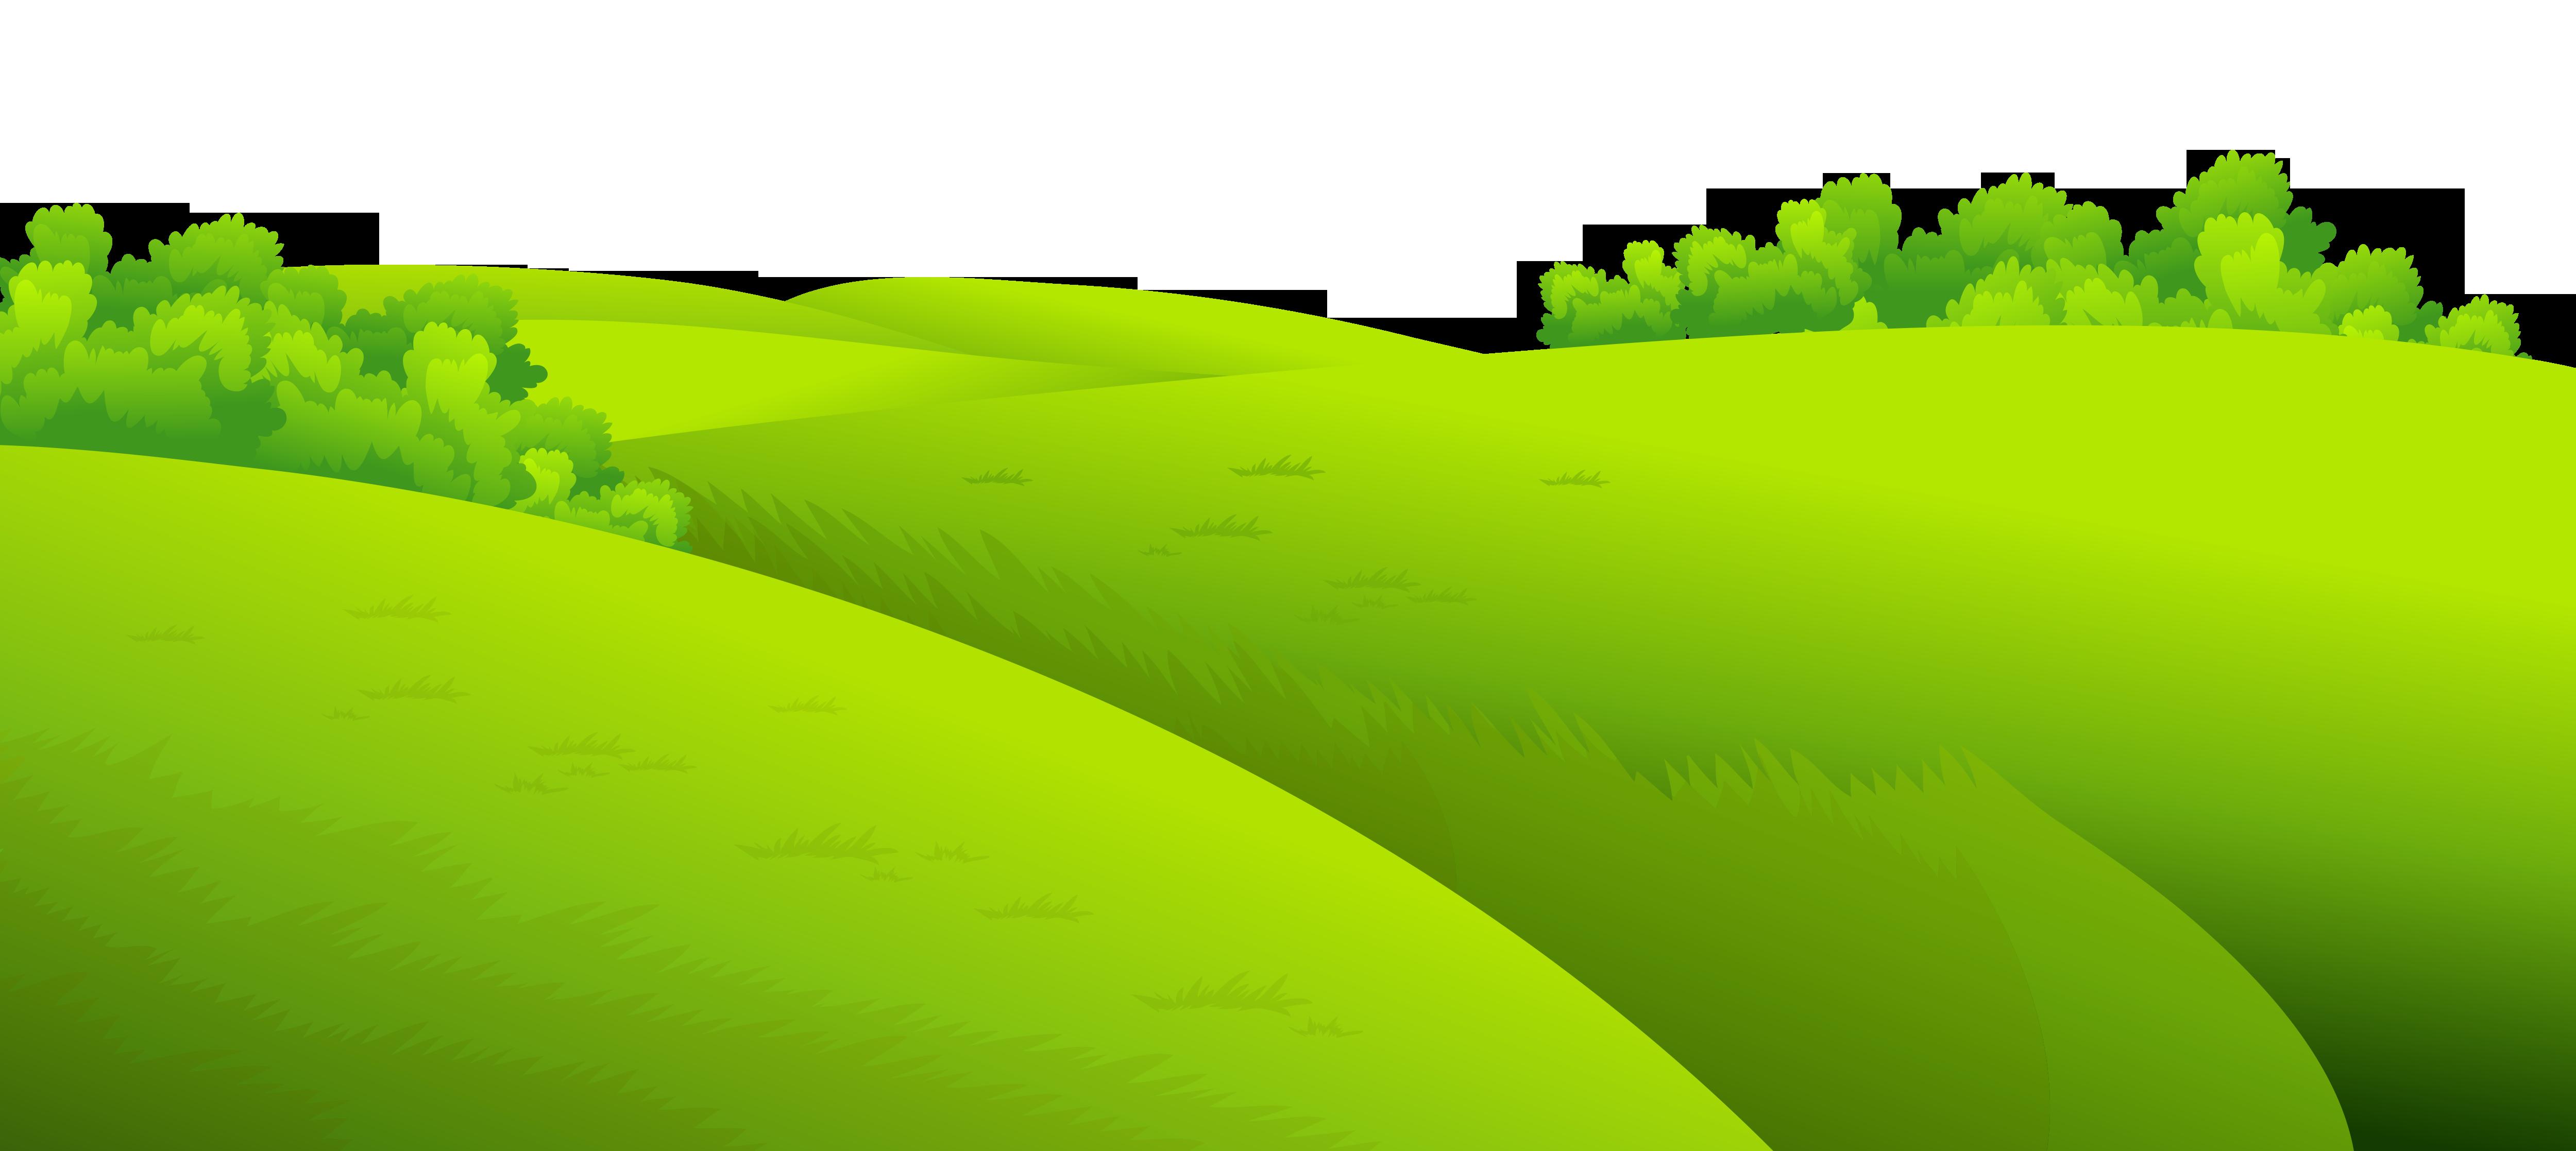 Green grass background clipart